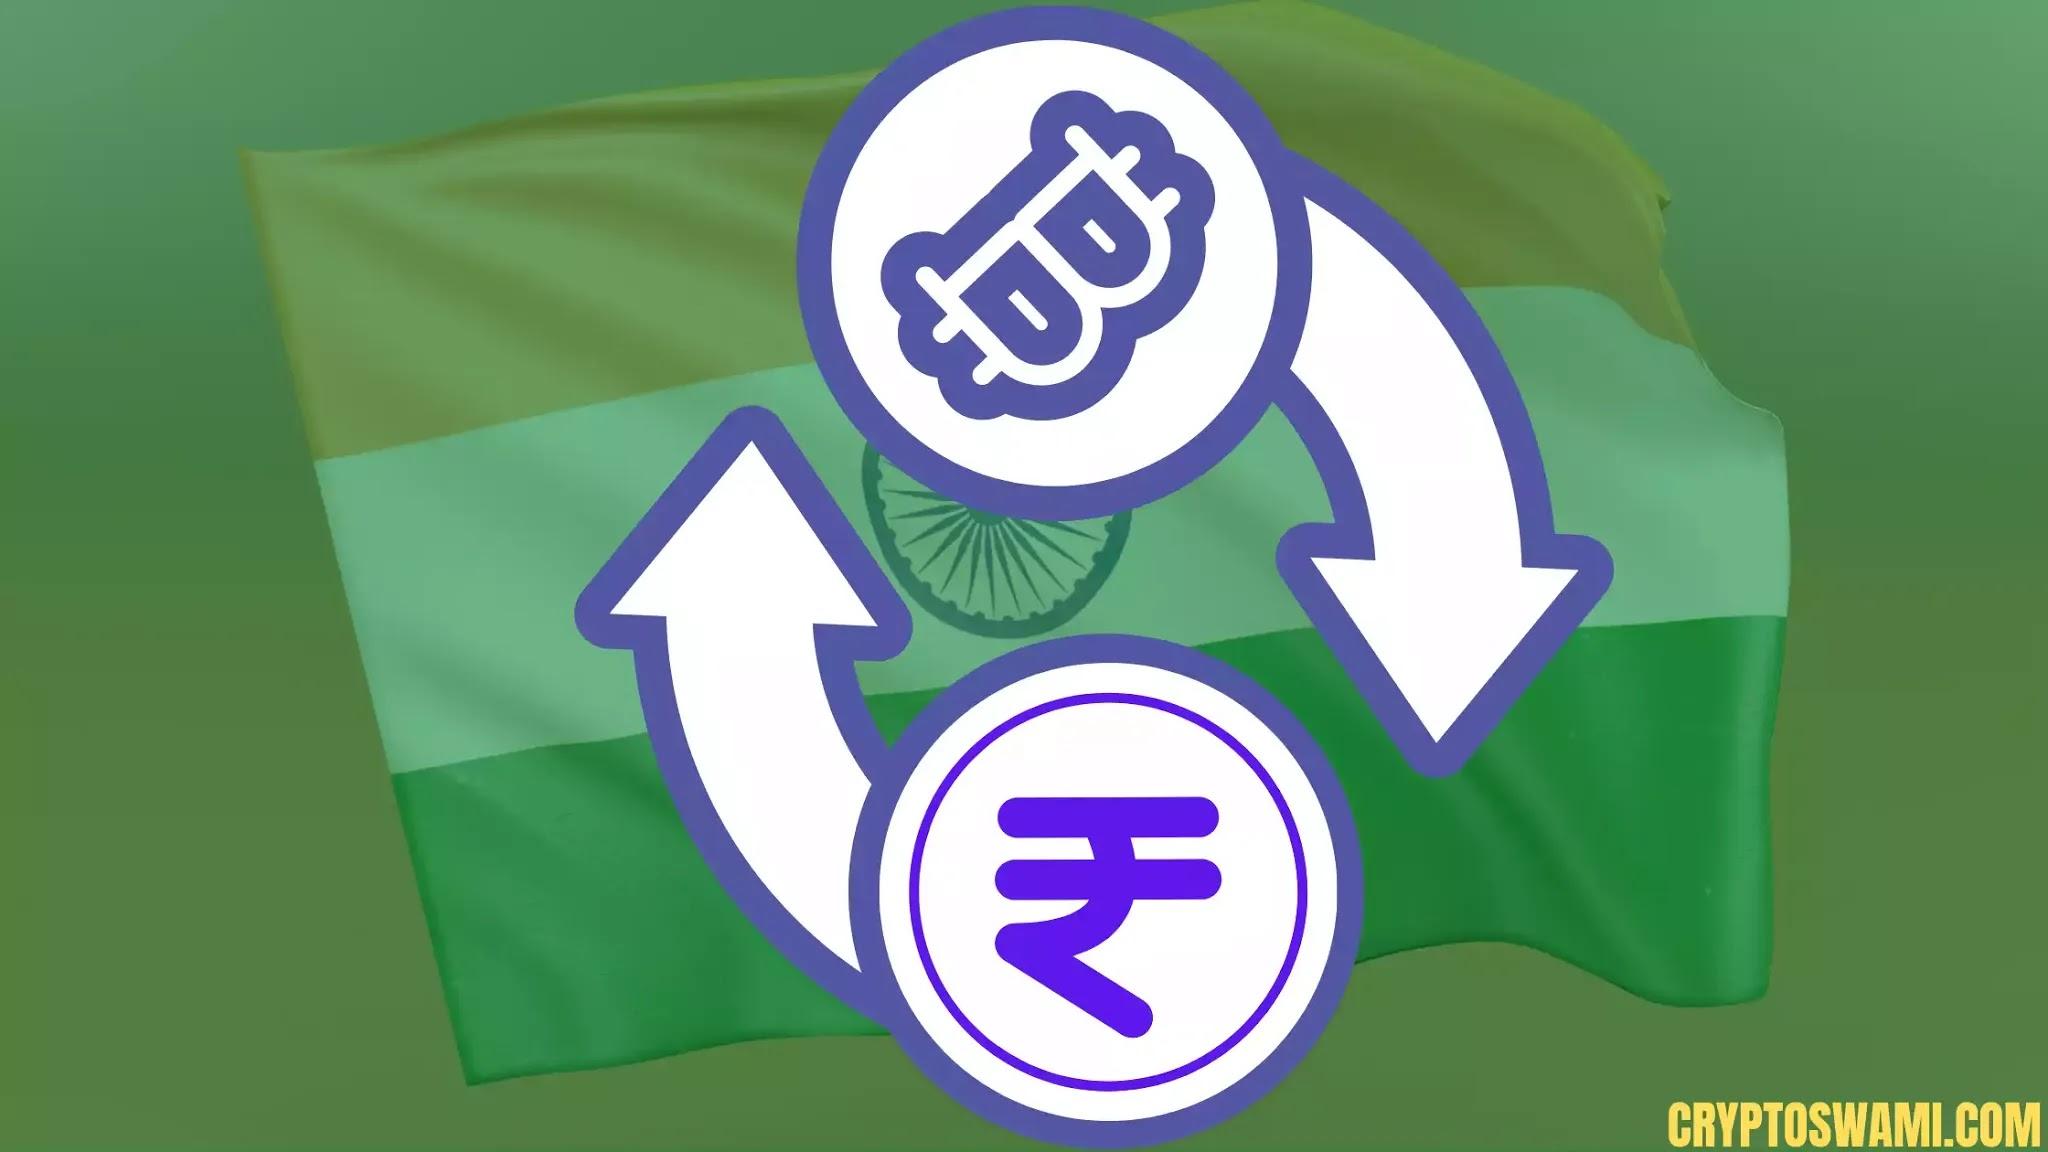 Buy Bitcoin With PayTM - Buy Bitcoin With PayTM In India